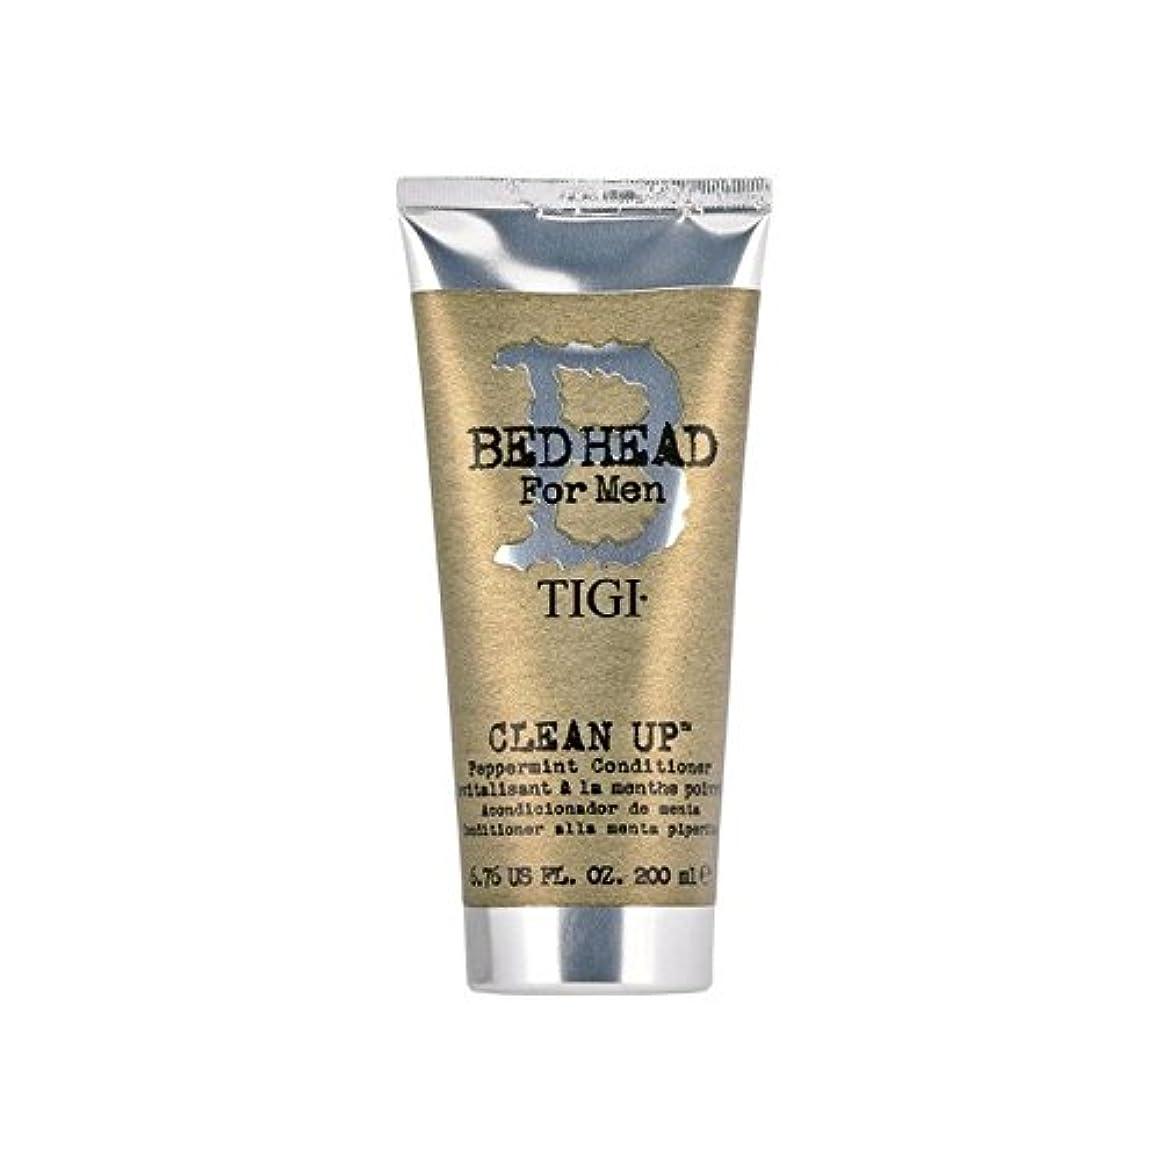 ズームインする無心保守的Tigi Bed Head For Men Clean Up Peppermint Conditioner (200ml) (Pack of 6) - ペパーミントコンディショナーをクリーンアップする男性のためのティジーベッドヘッド...